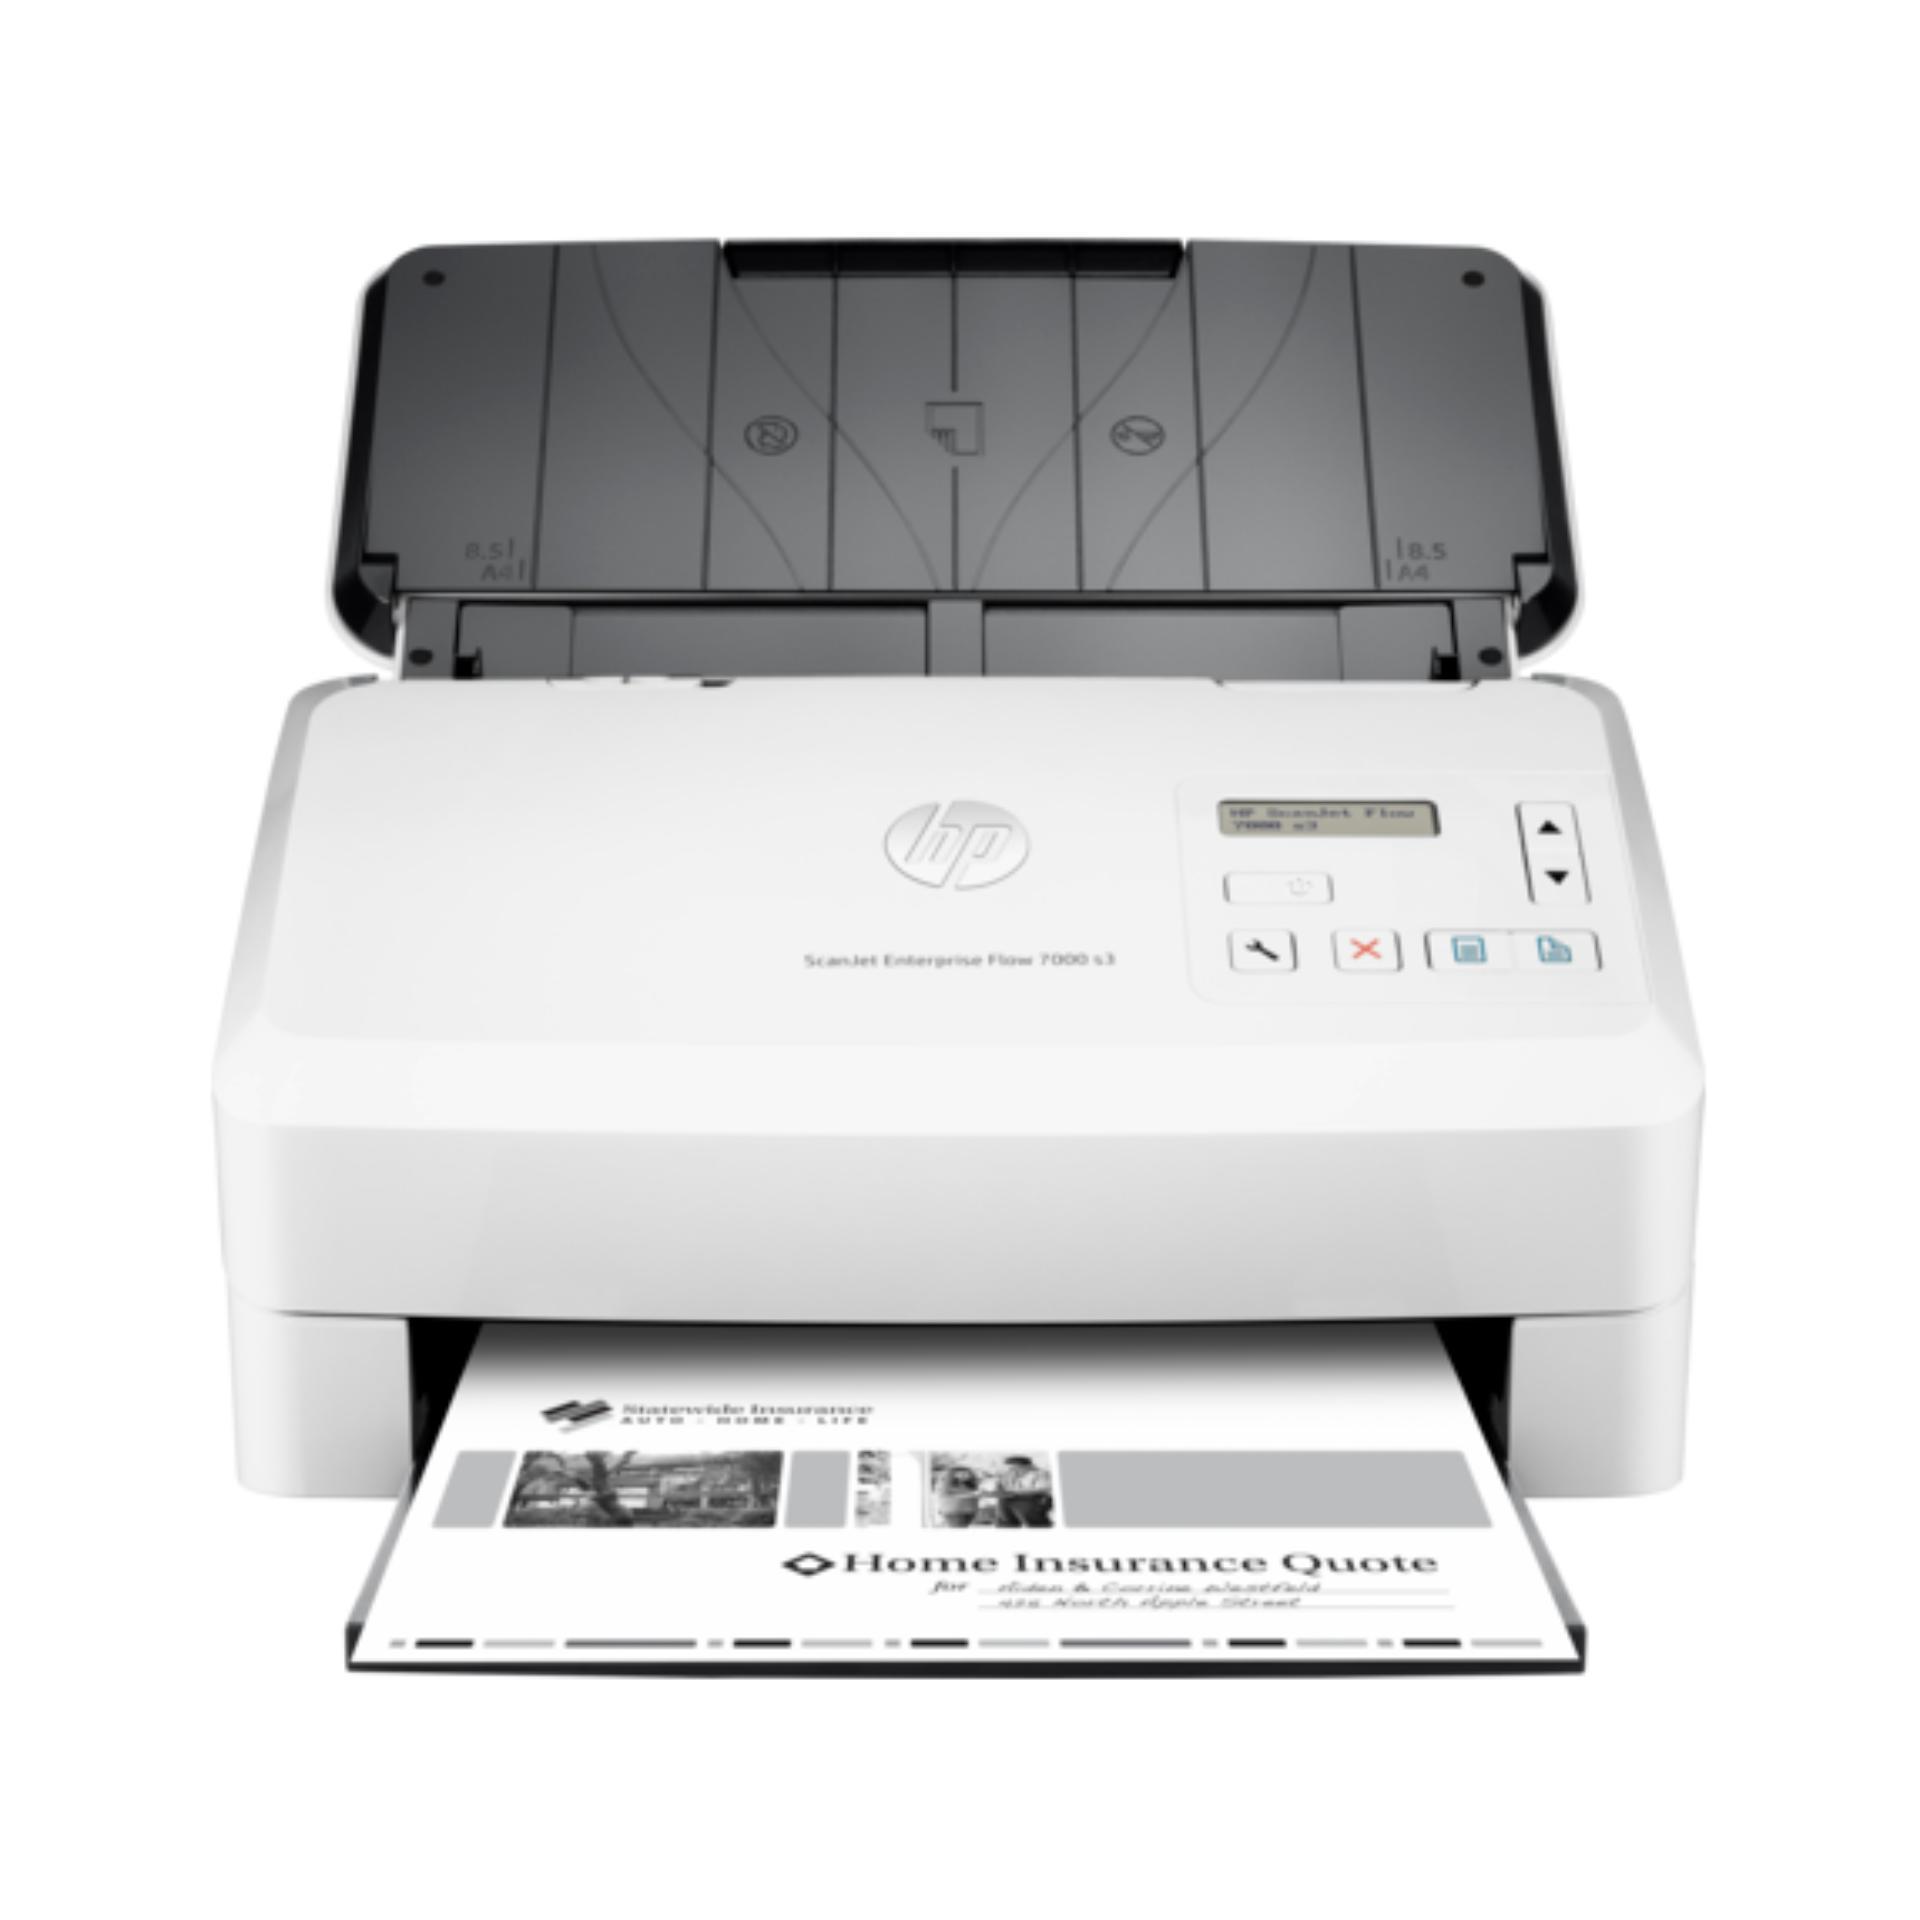 Máy quét HP Enterprise Flow 7000 S3 ( Trắng )